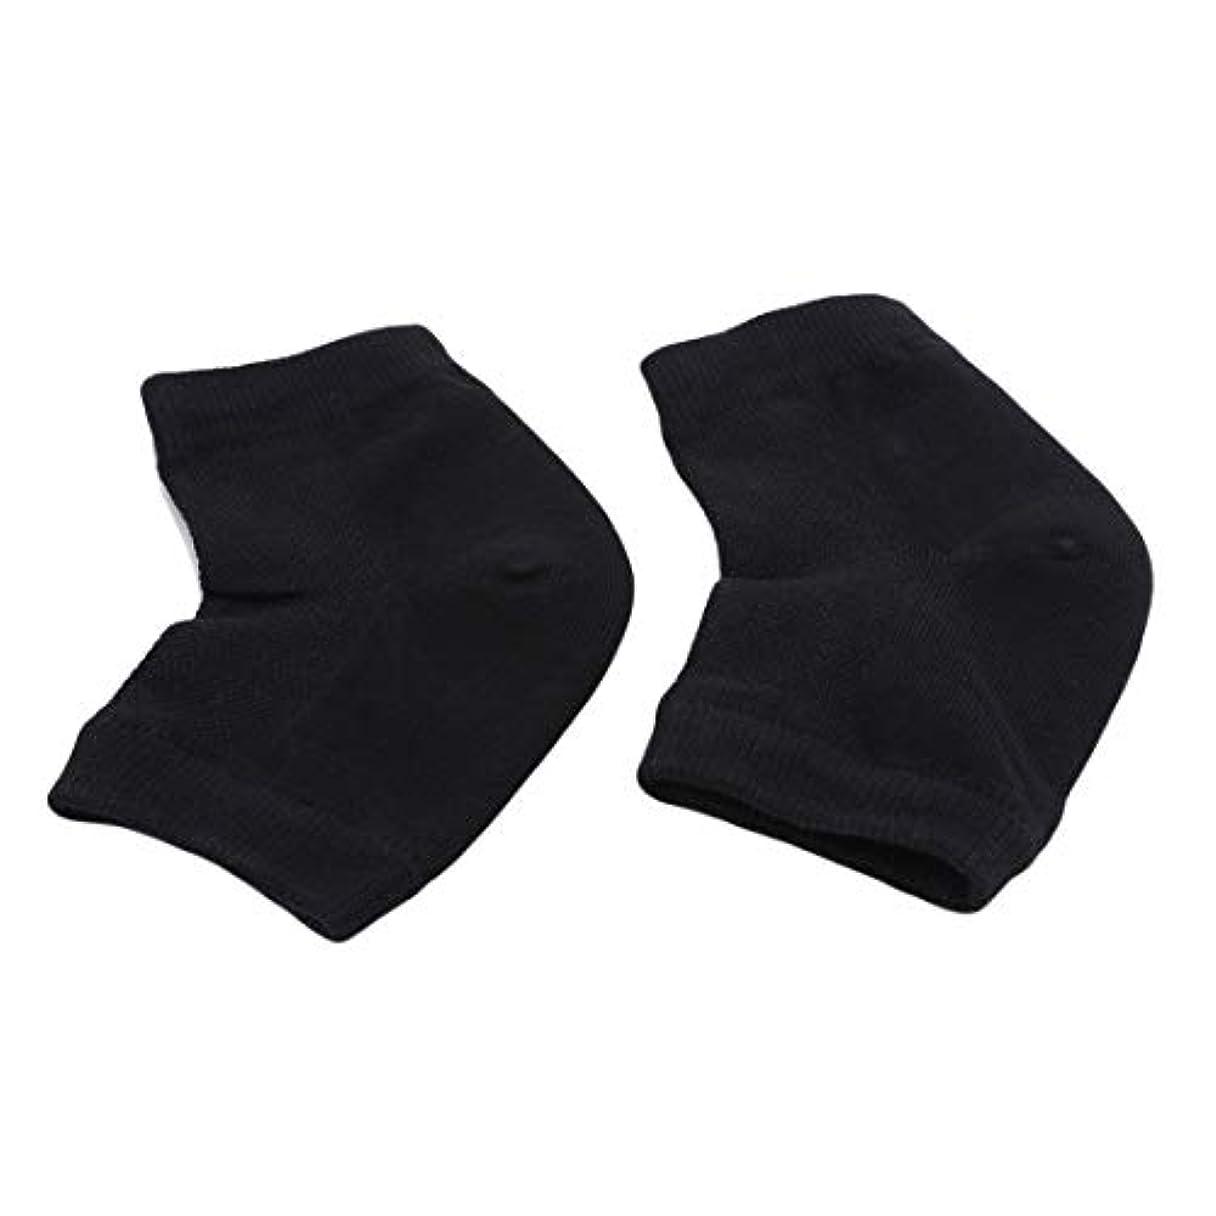 然とした太陽季節KLUMA かかと靴下 ソックス 角質ケア スベスベ ツルツル うるおい 保湿 フットケア レディース メンズ 男女兼用 フリーサイズ 黒色